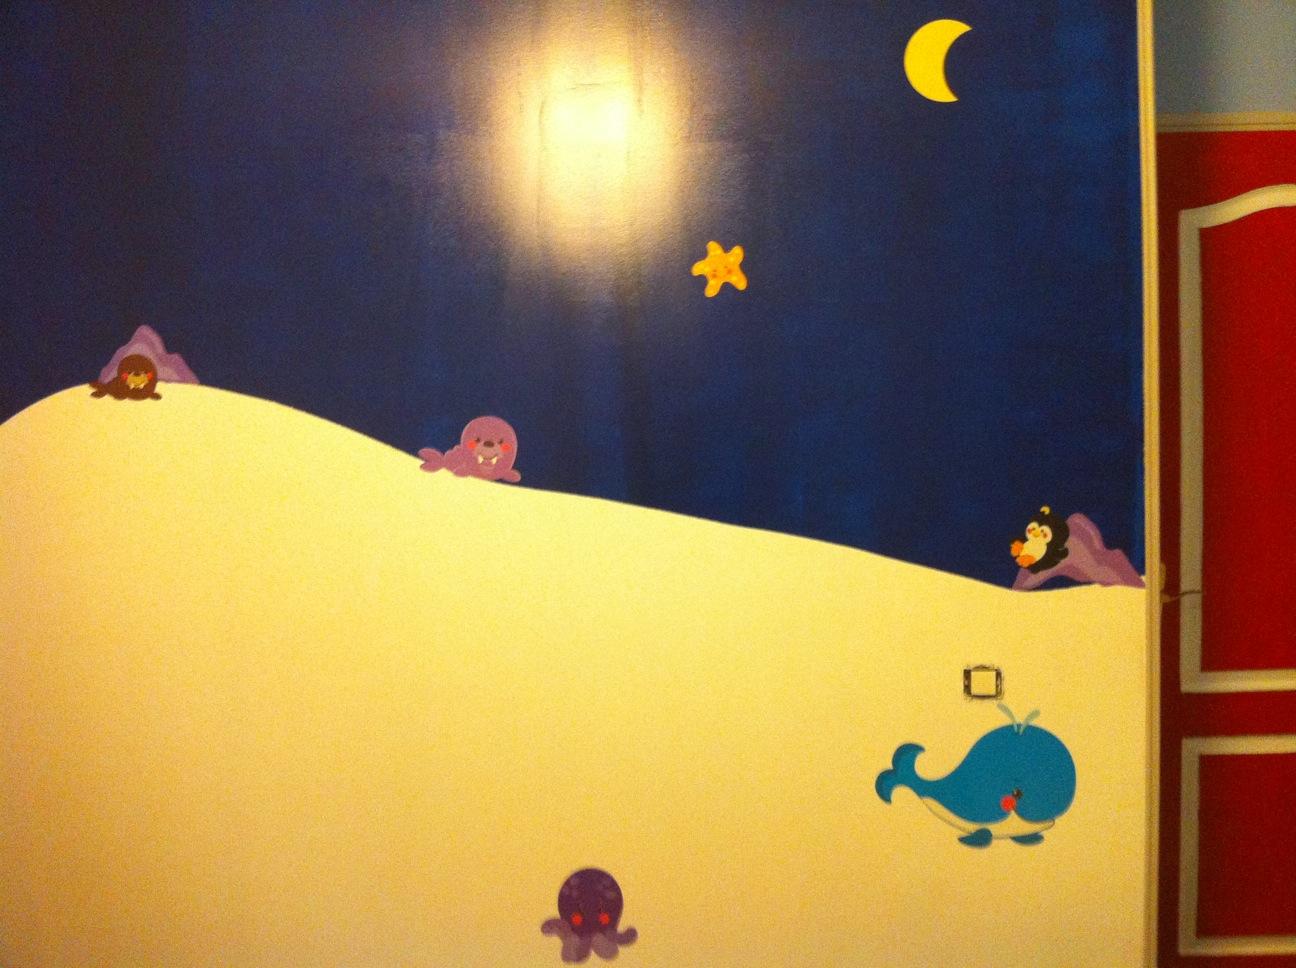 Decoration salle de jeux id es et conseils d co decoration salle de jeux - Pose stickers muraux ...